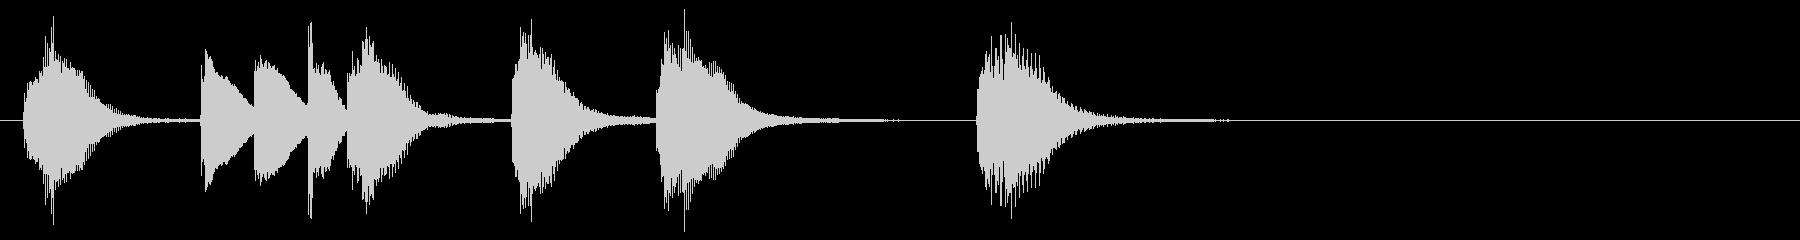 ほのぼのカワイイ ピアノサウンドロゴの未再生の波形